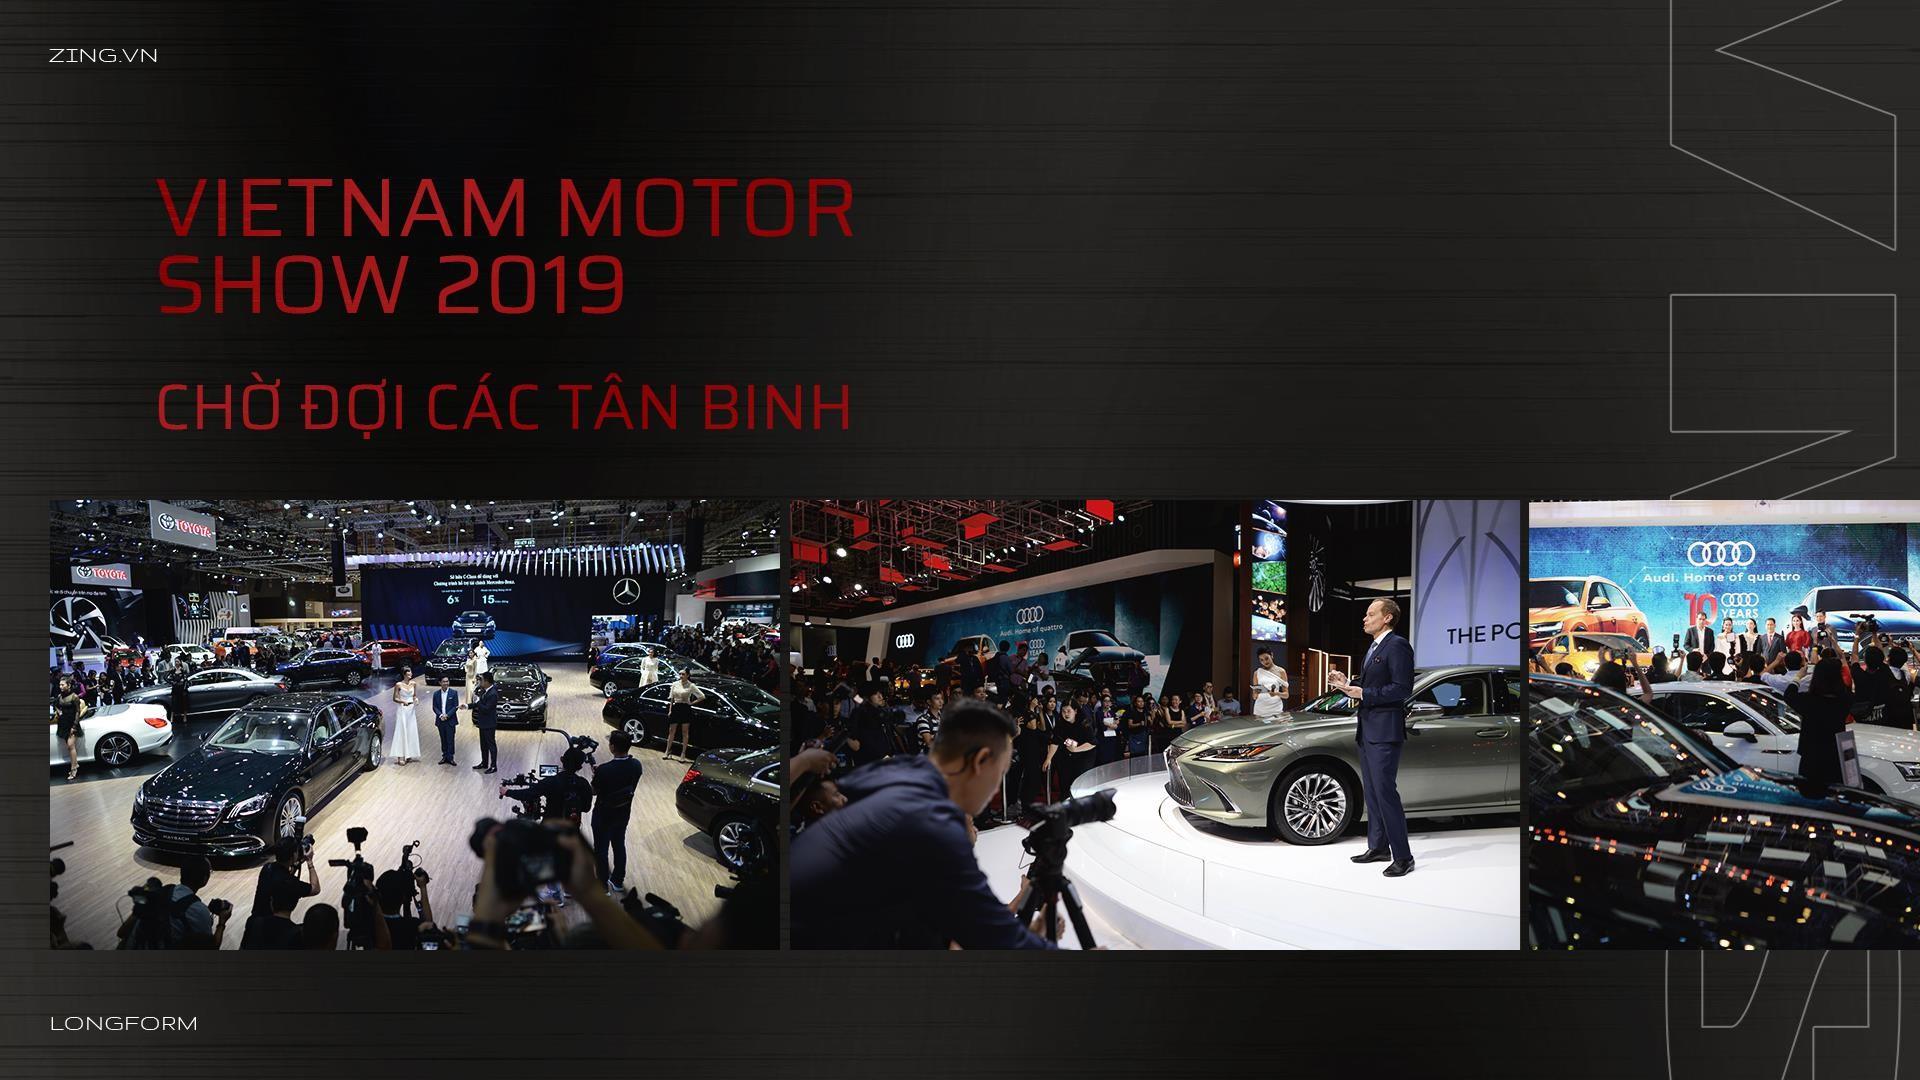 Vietnam Motor Show 2019 - tân binh VinFast đối đầu Ford, Toyota - Ảnh 2.